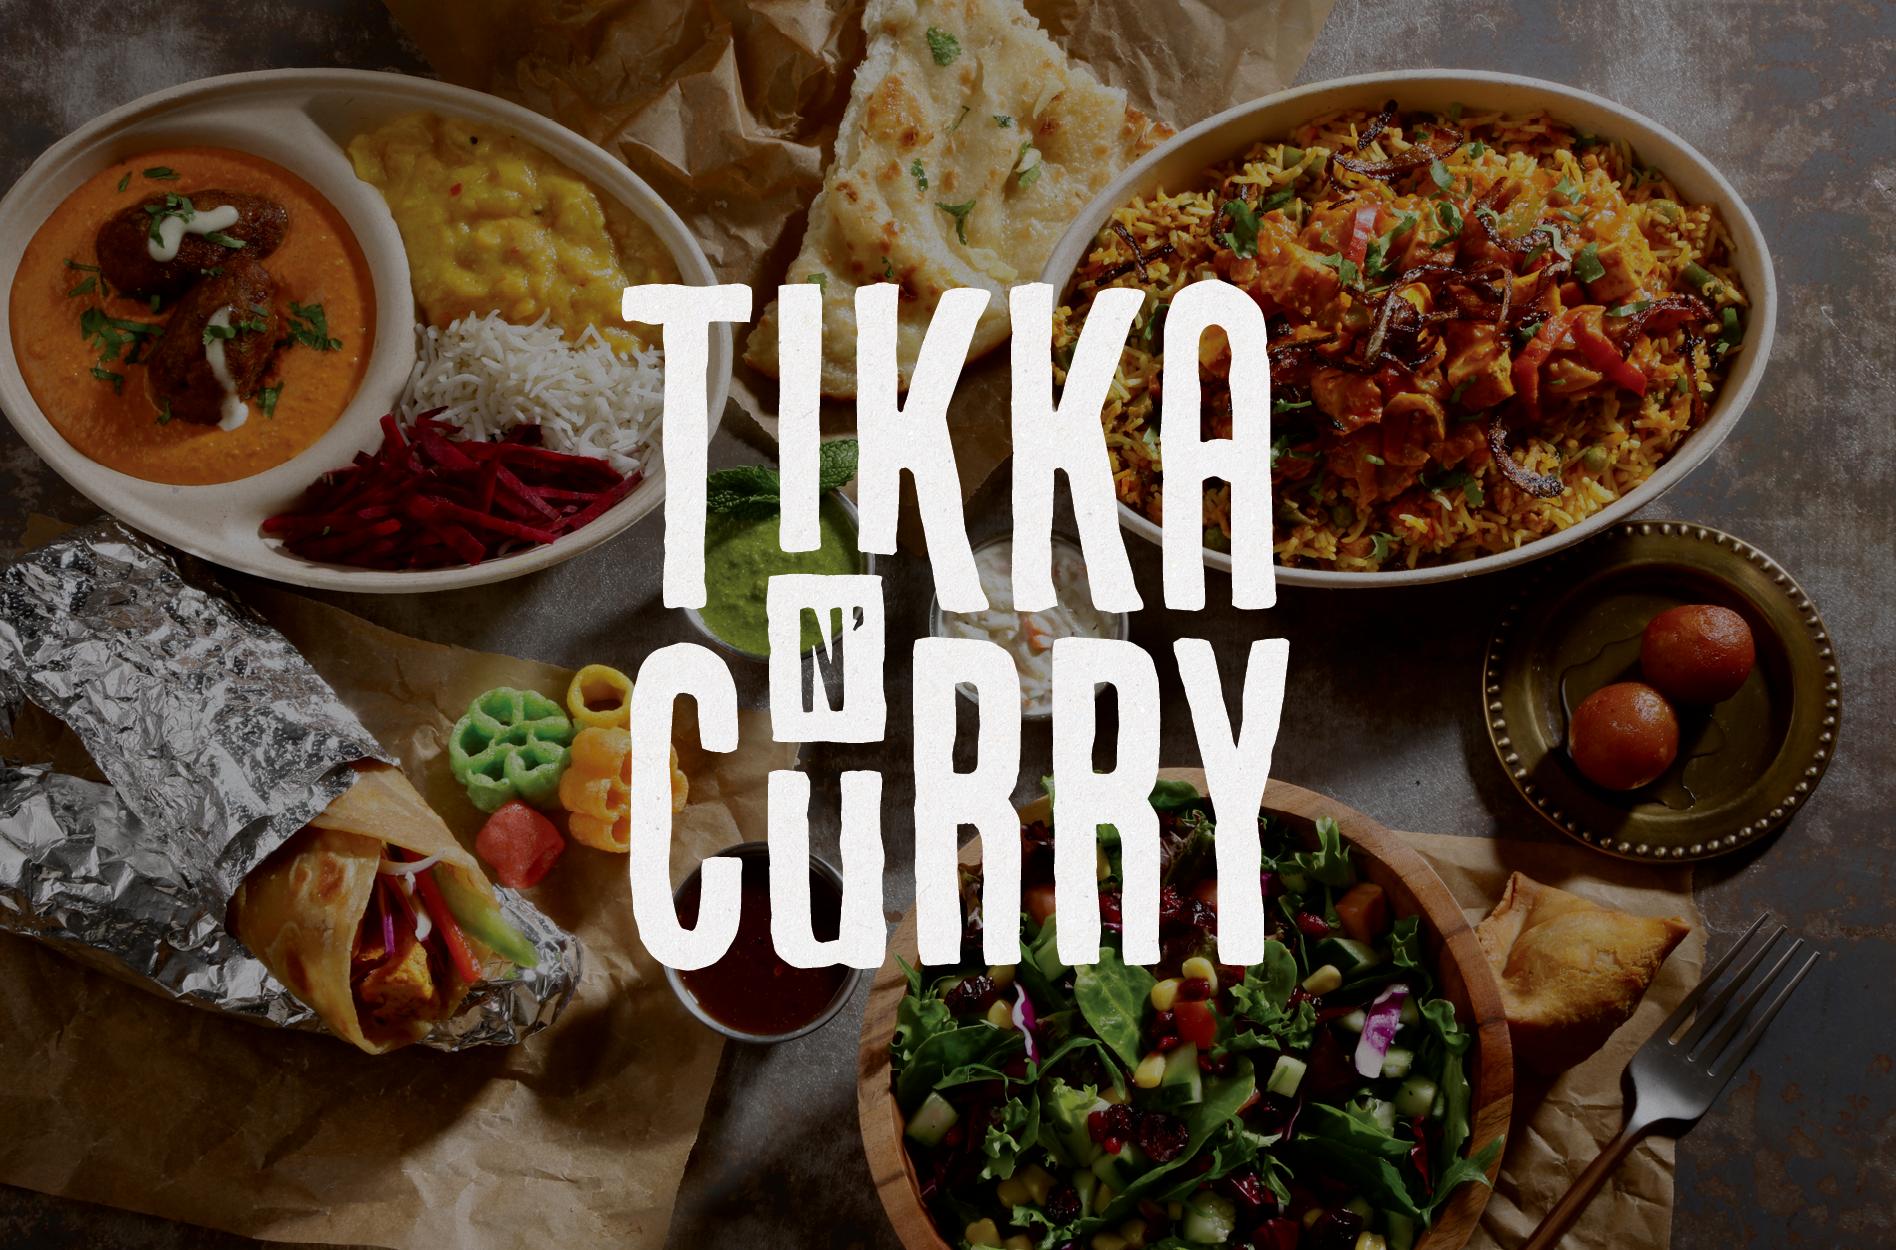 indian food restaurant branding design